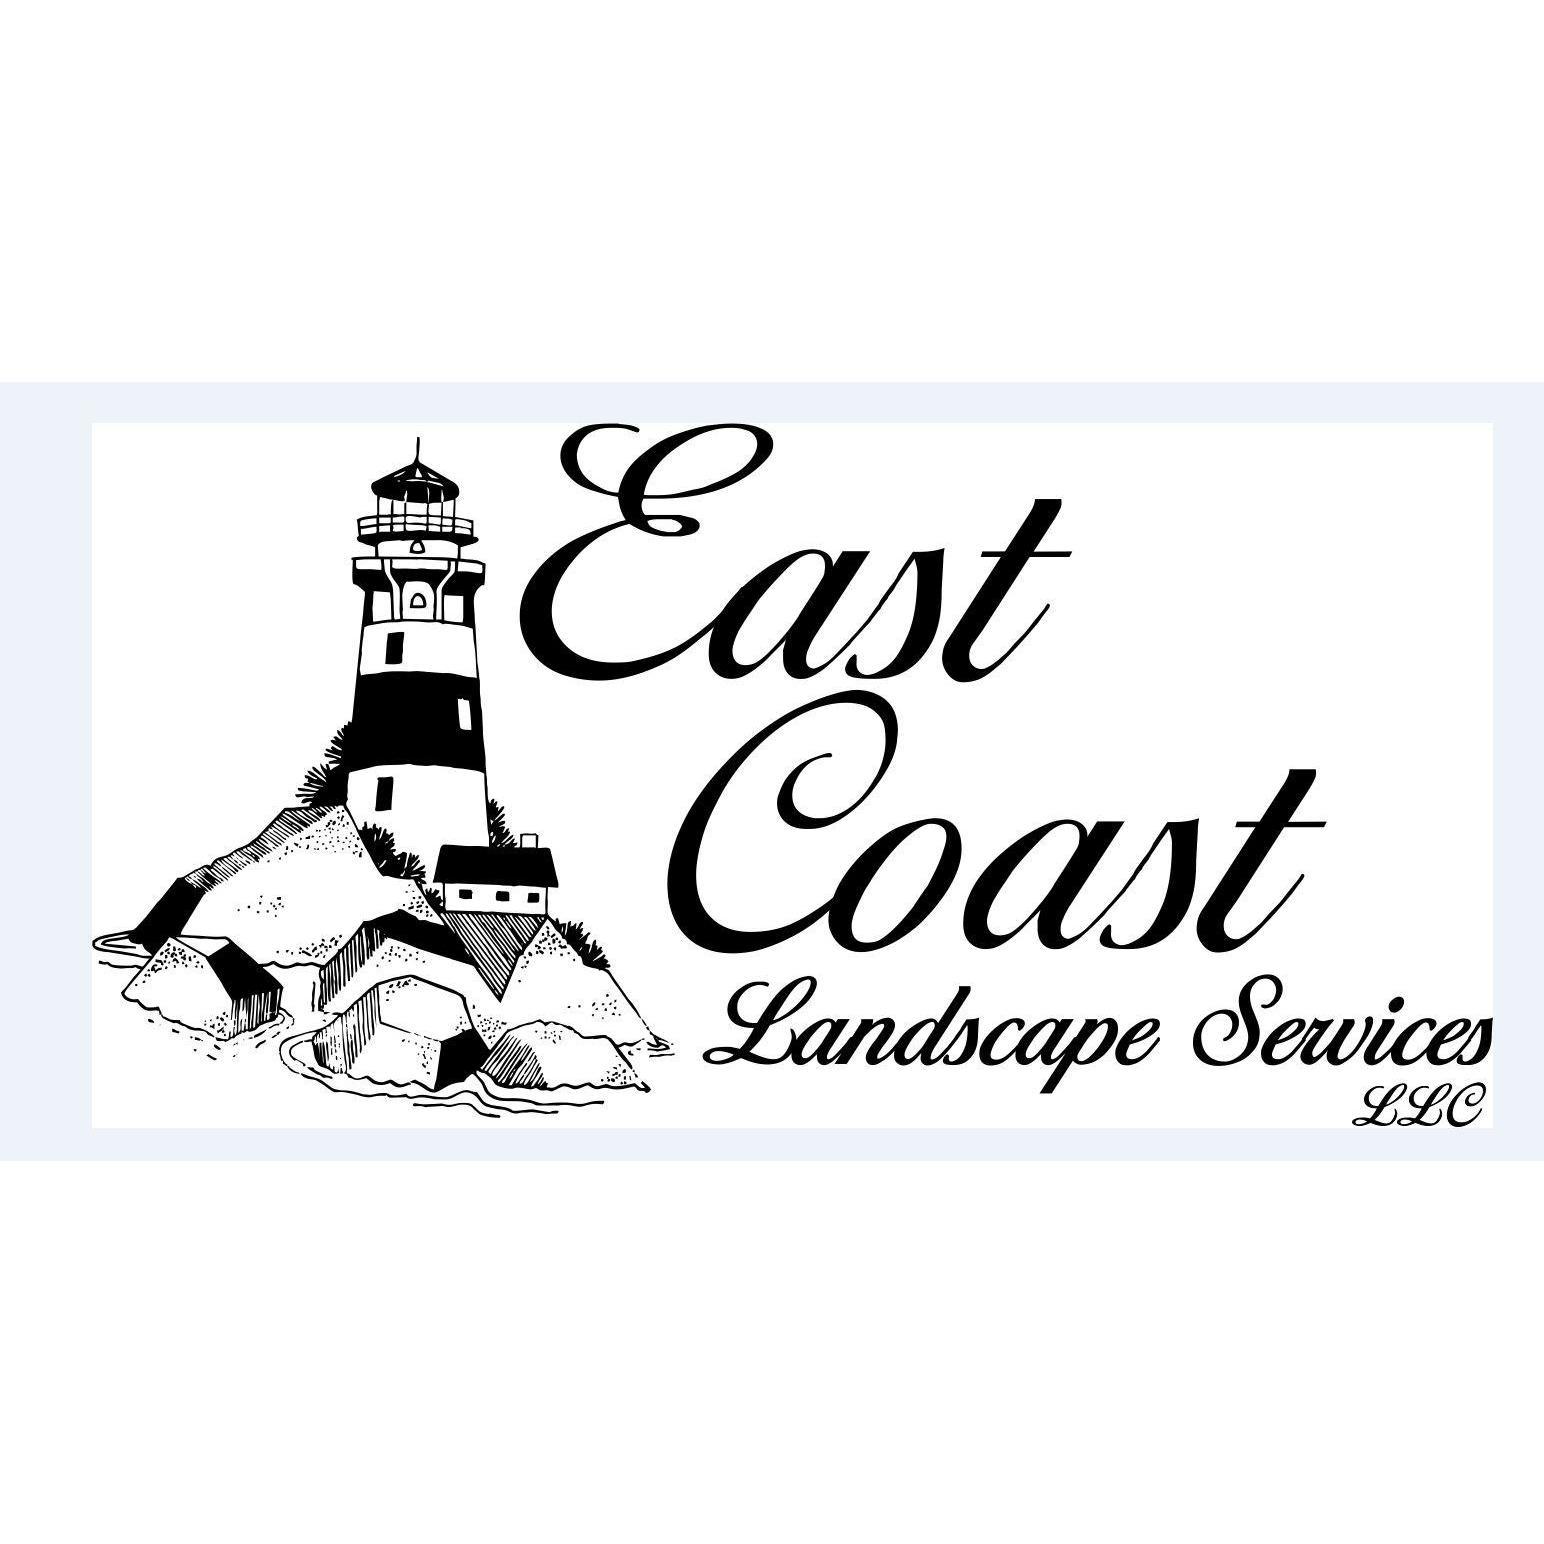 East Coast Landscape Services LLC